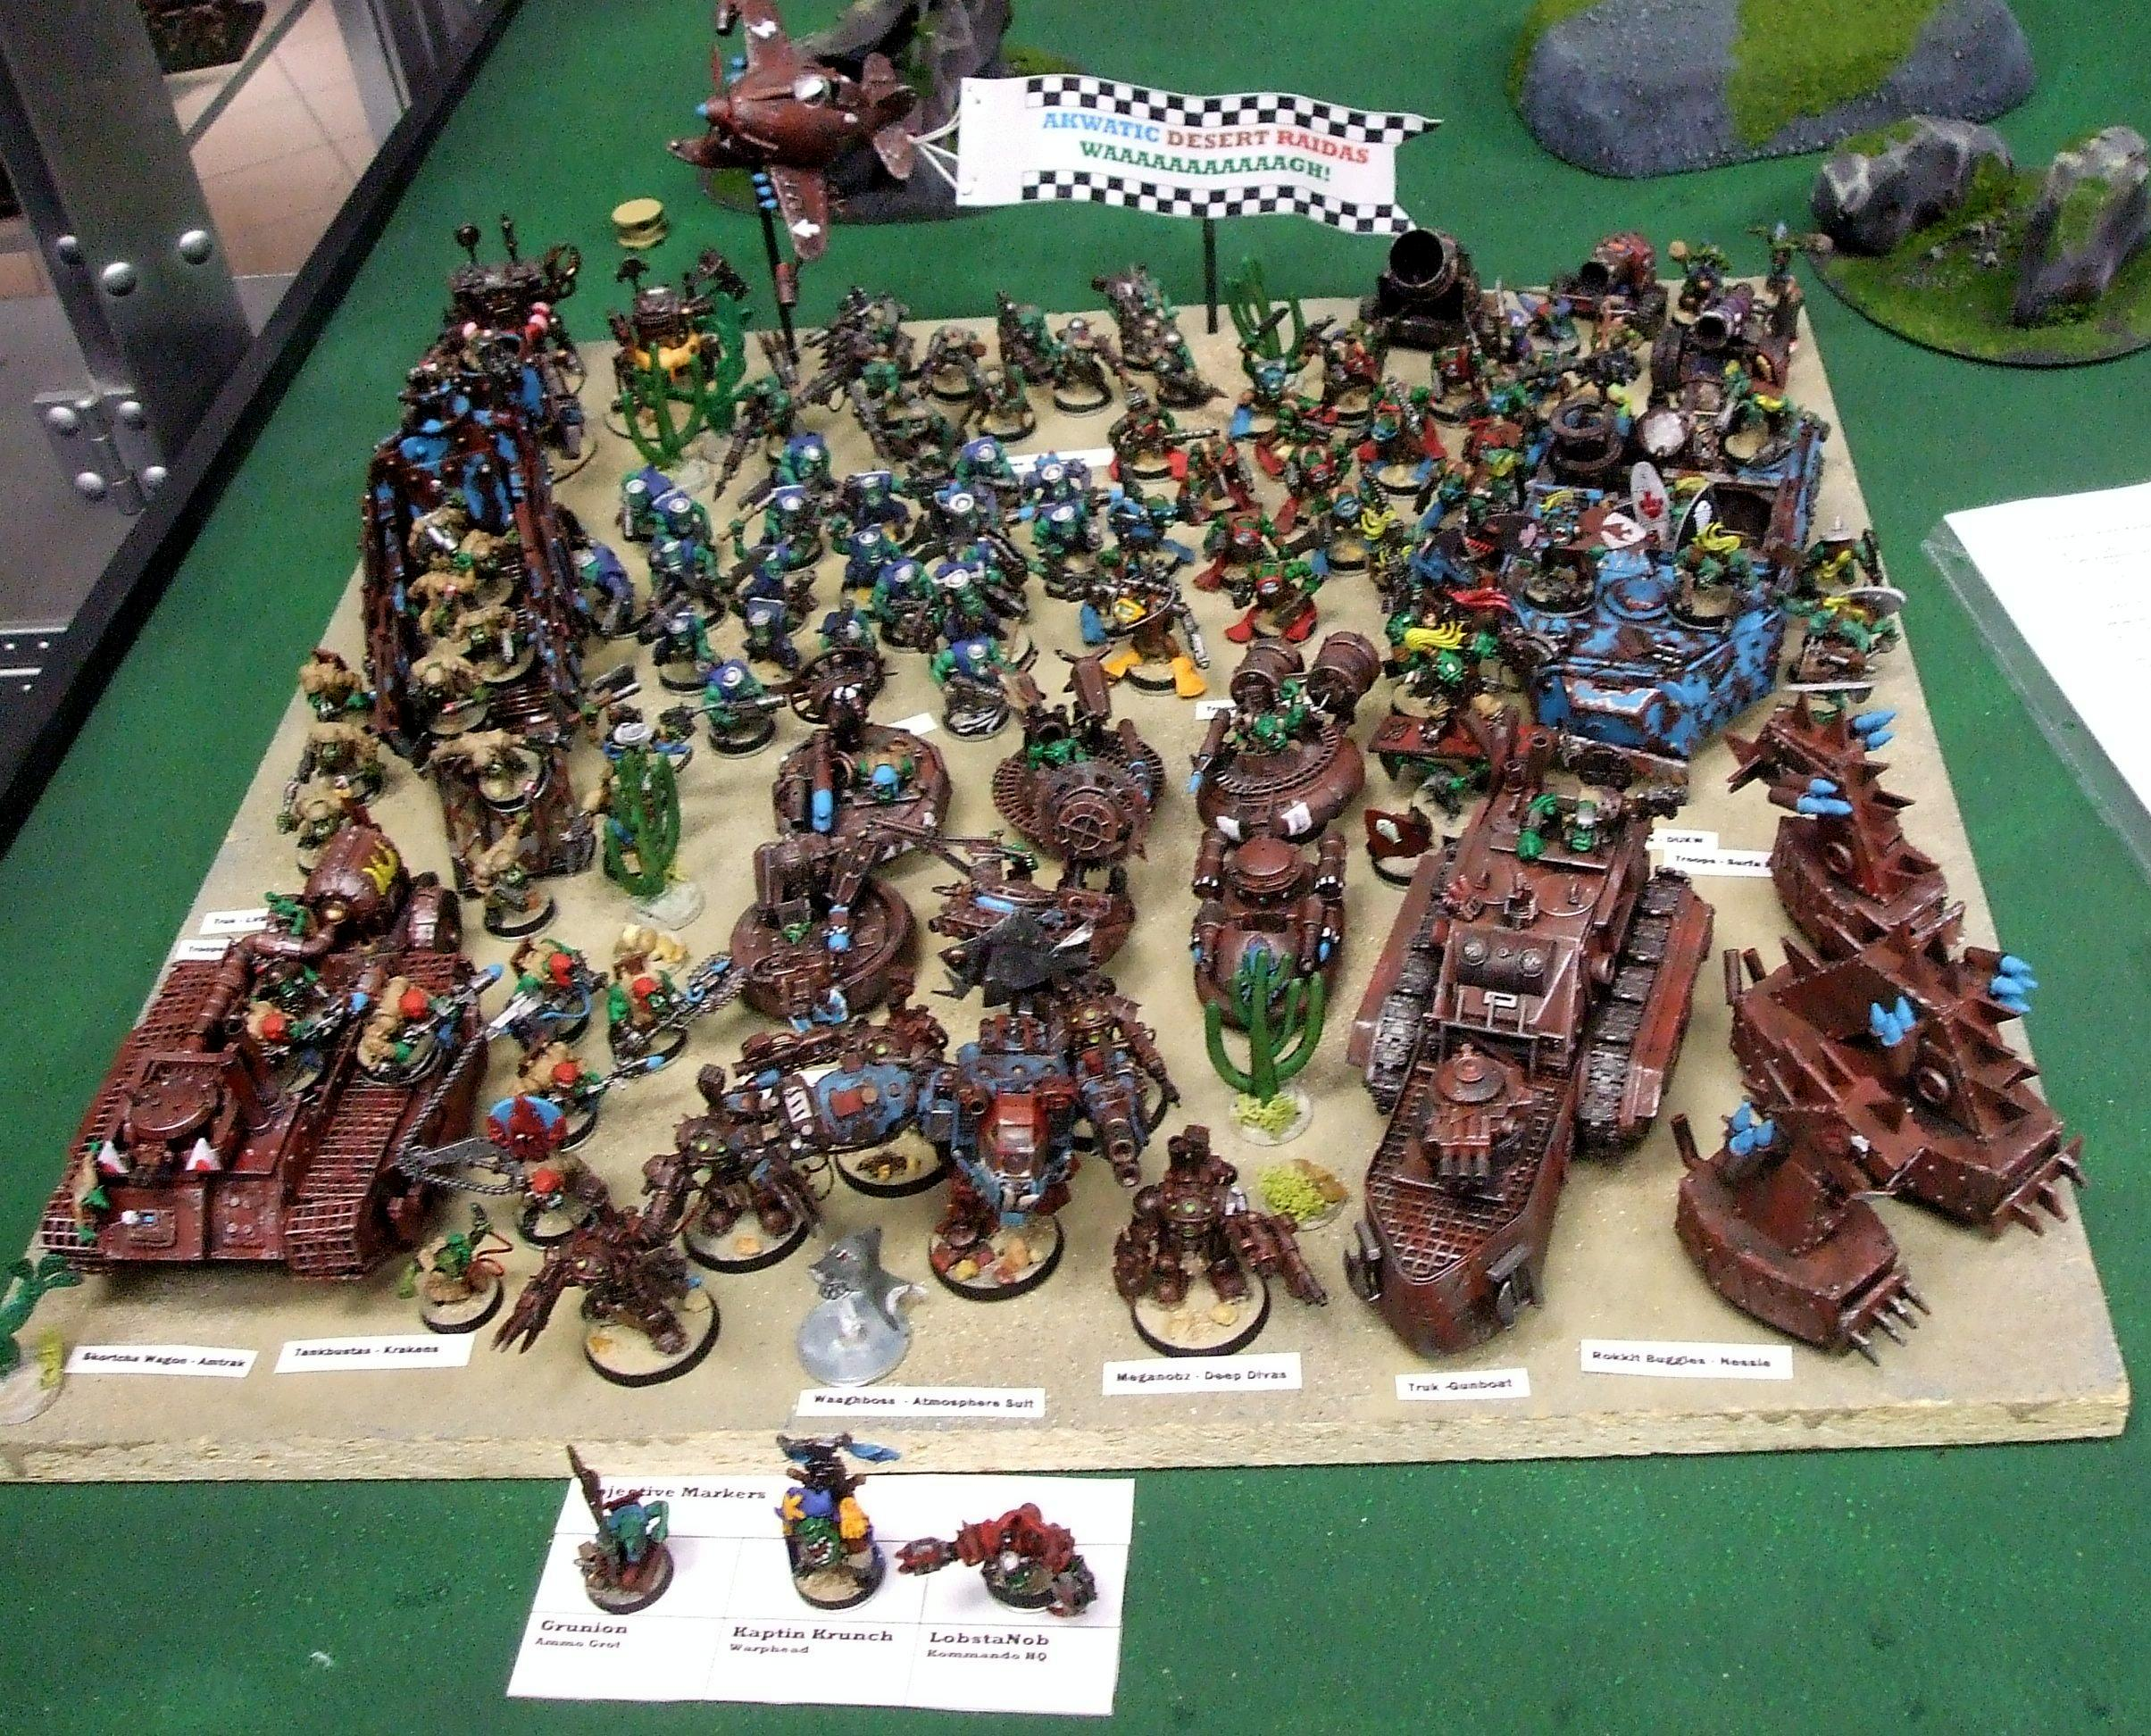 Grand Tournament, St Valentines Day Massacre